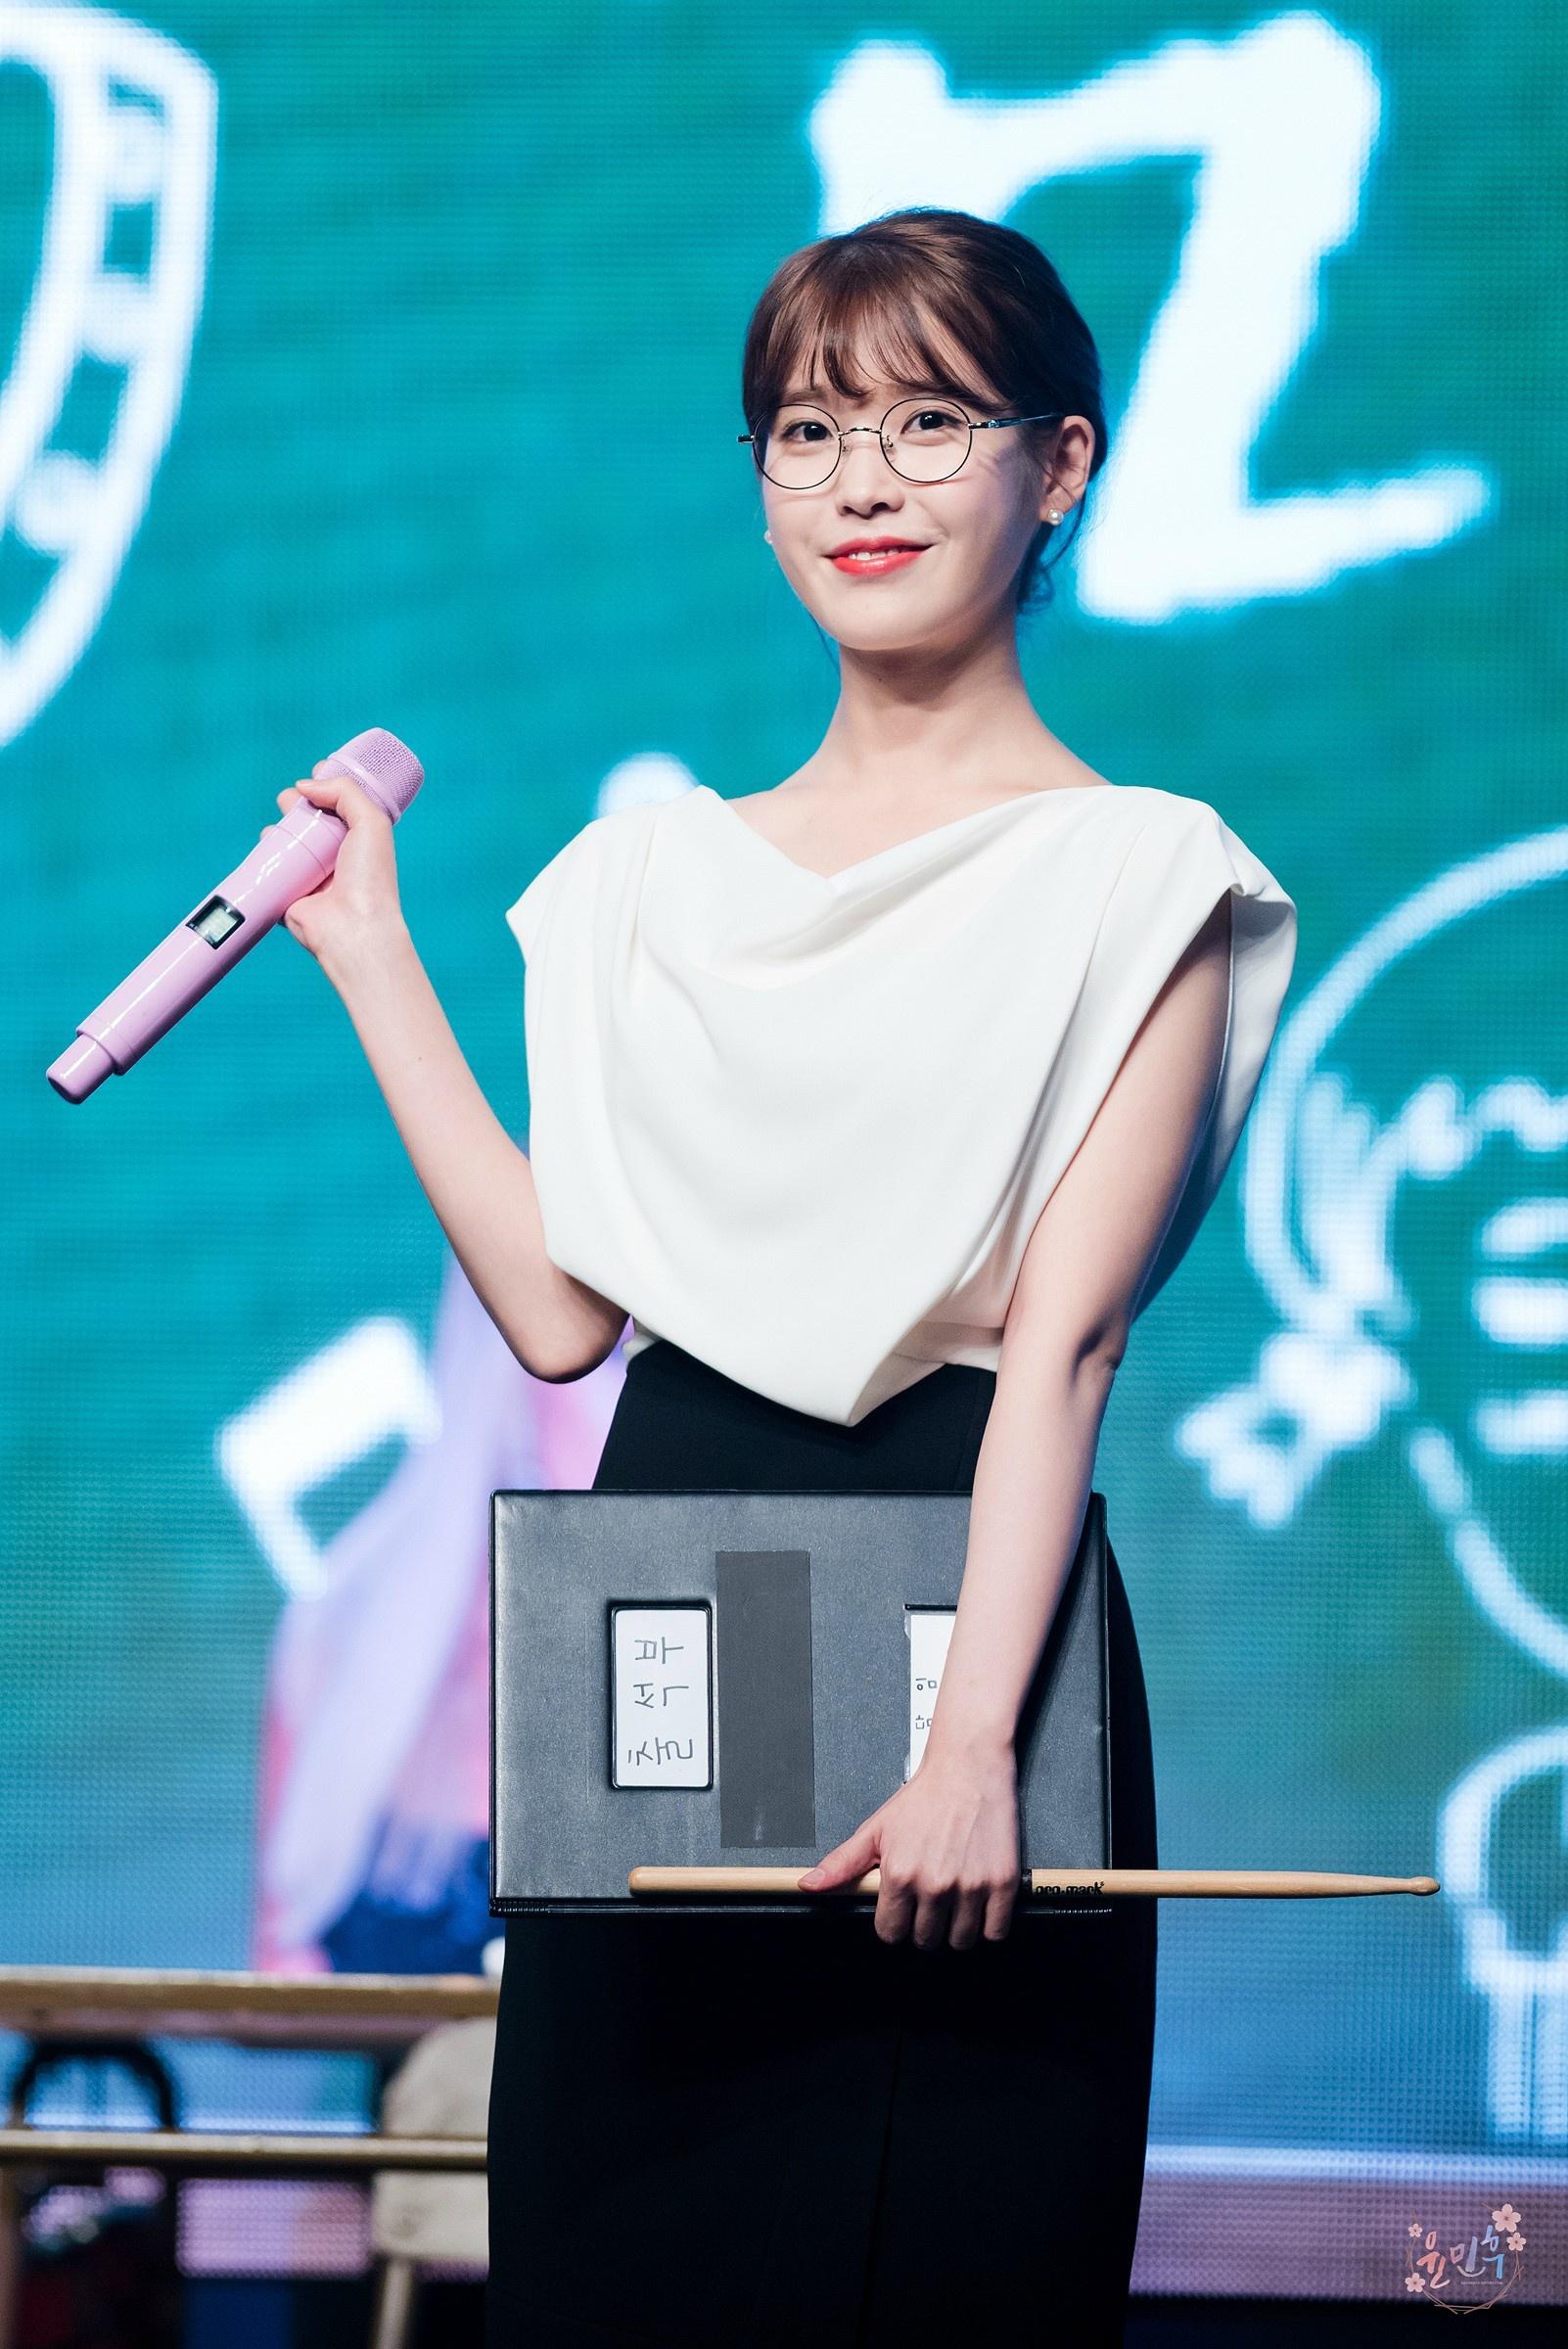 [女神新照]泰国女星Mai更新工作照,身穿系带小黑裙性感冷艳,你给几分? zt - 啥破图都有 - 虎扑社区